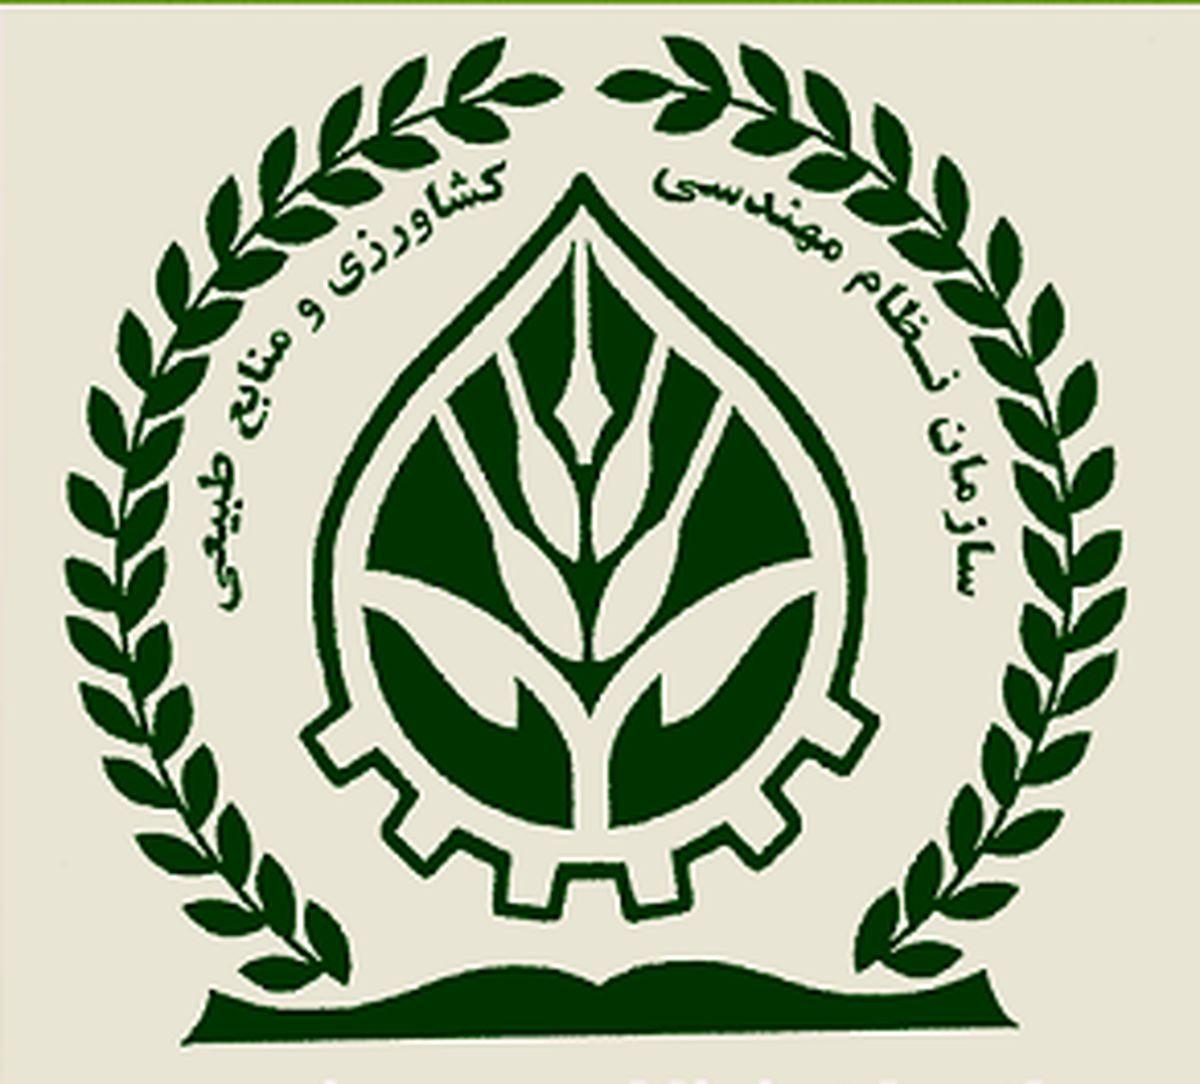 یزد، دومین استان در صدور پروانه اشتغال برای اعضای حقیقی نظام مهندسی کشاورزی